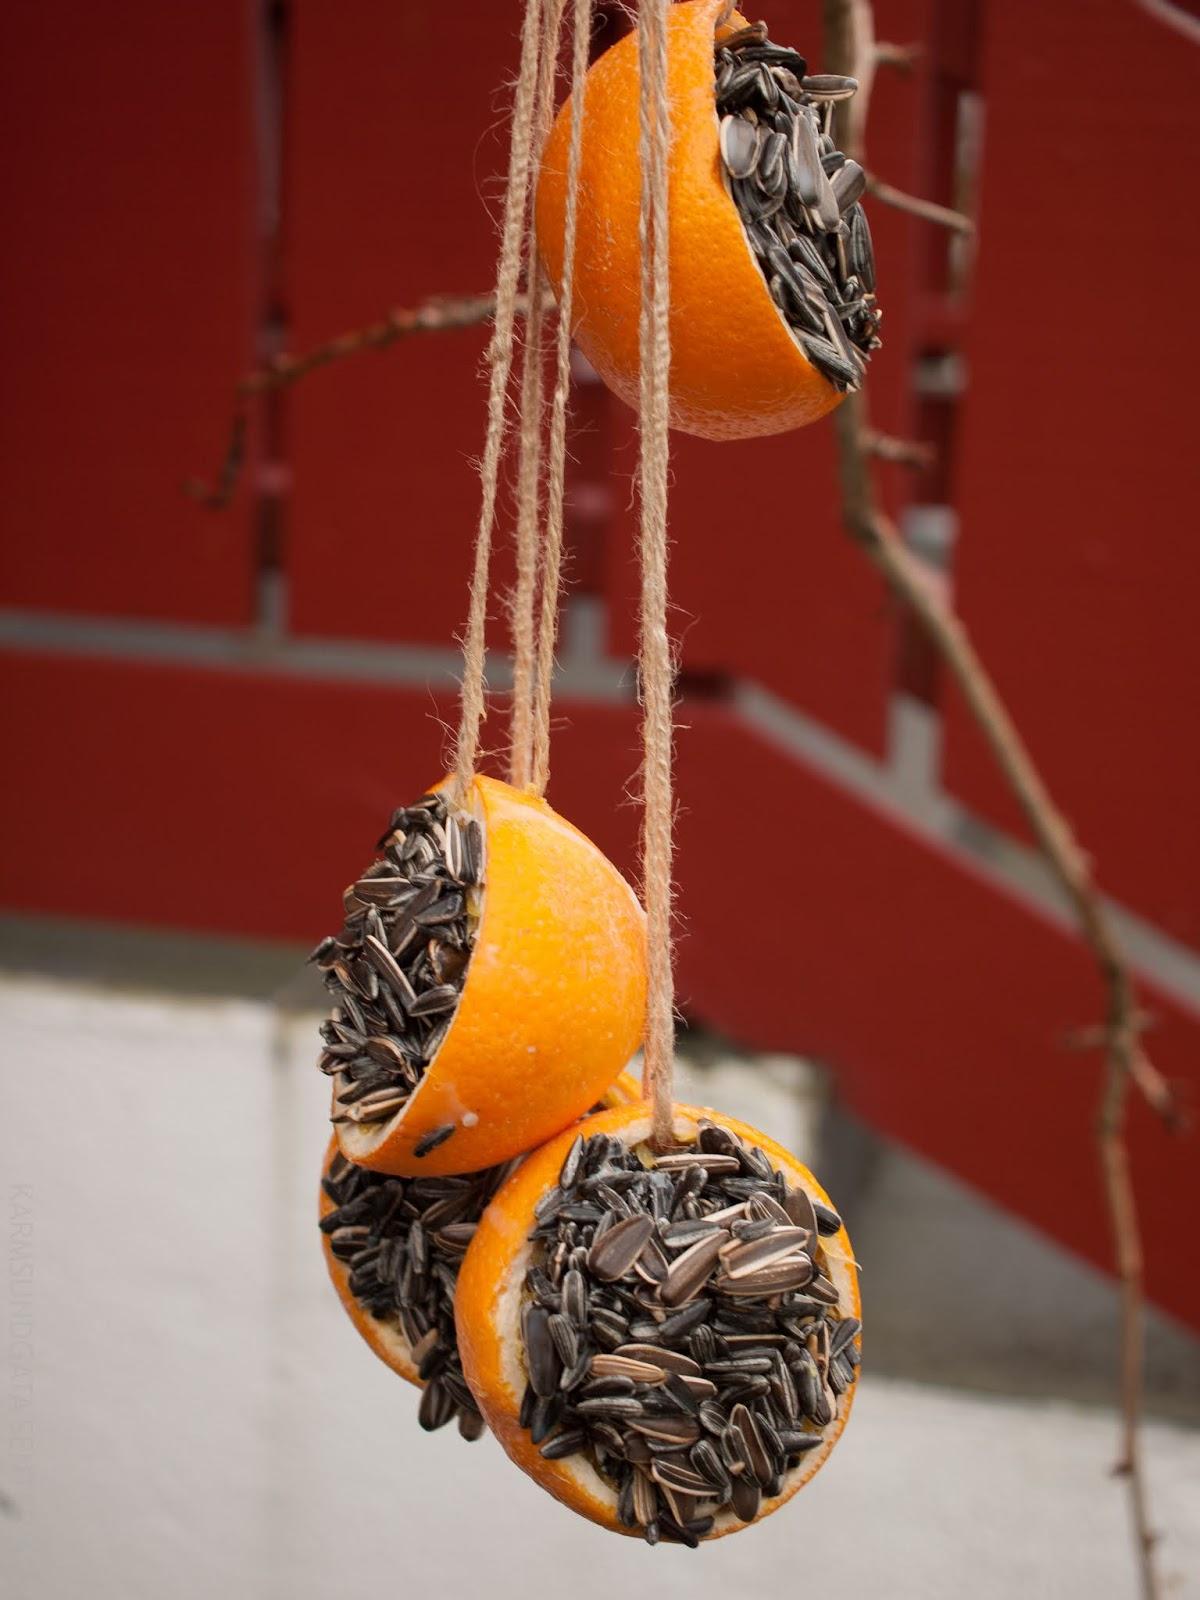 Fuglemat i appelsinskall